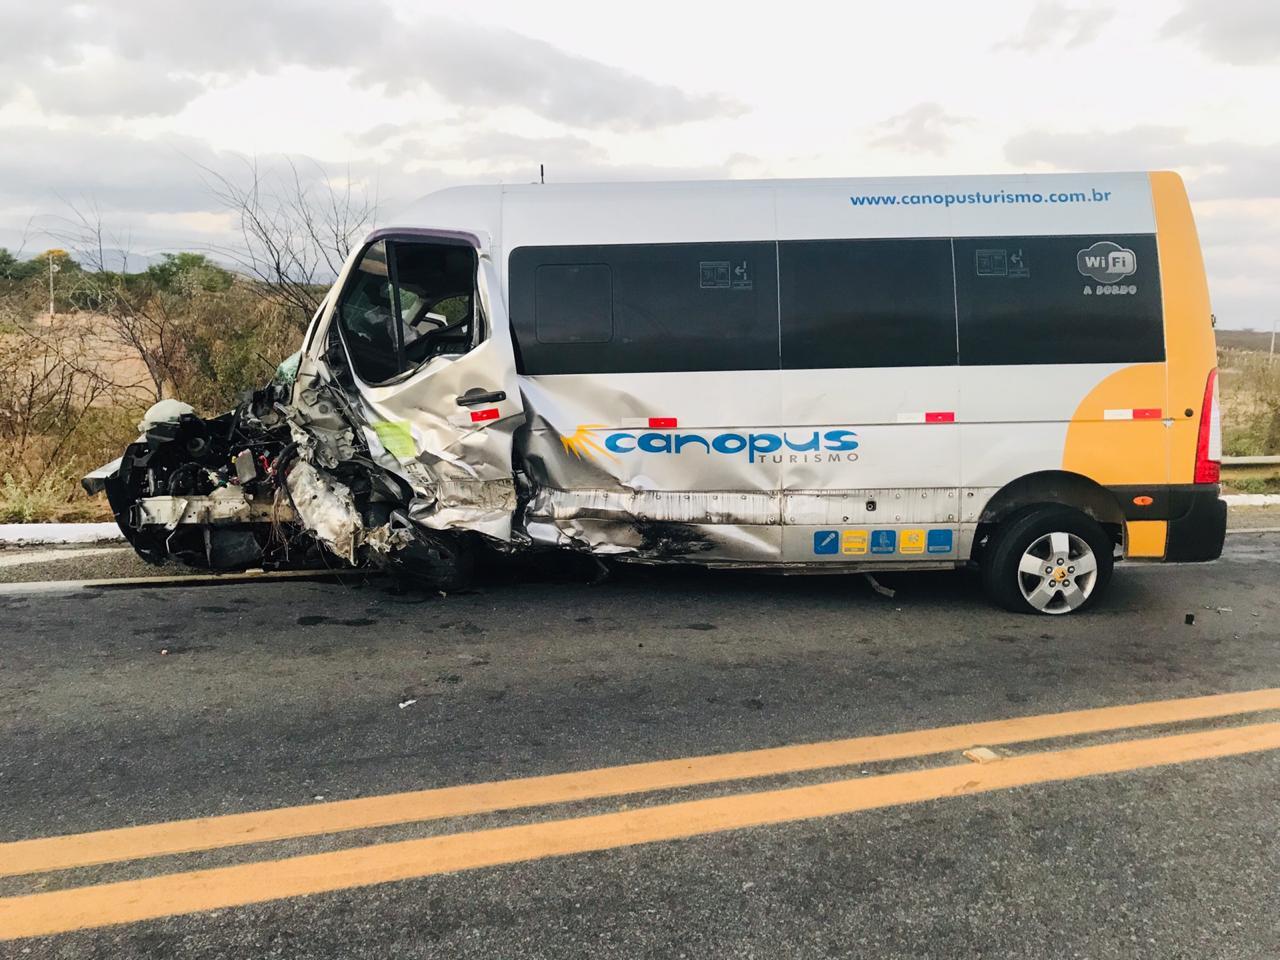 WhatsApp Image 2019 10 05 at 08.49.15 1 - COLISÃO FRONTAL: grave acidente entre carro e van deixa um morto e seis feridos em Patos